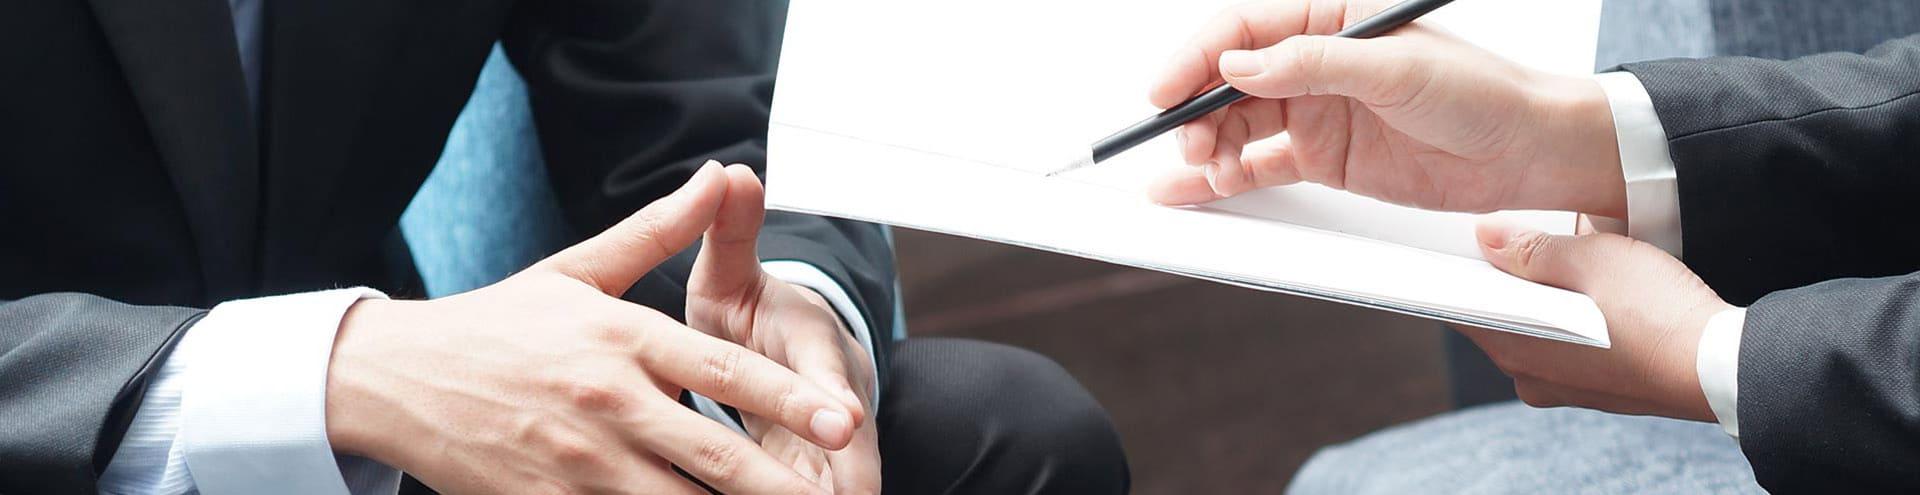 гарантии оказания юридических услуг в Чебоксарах